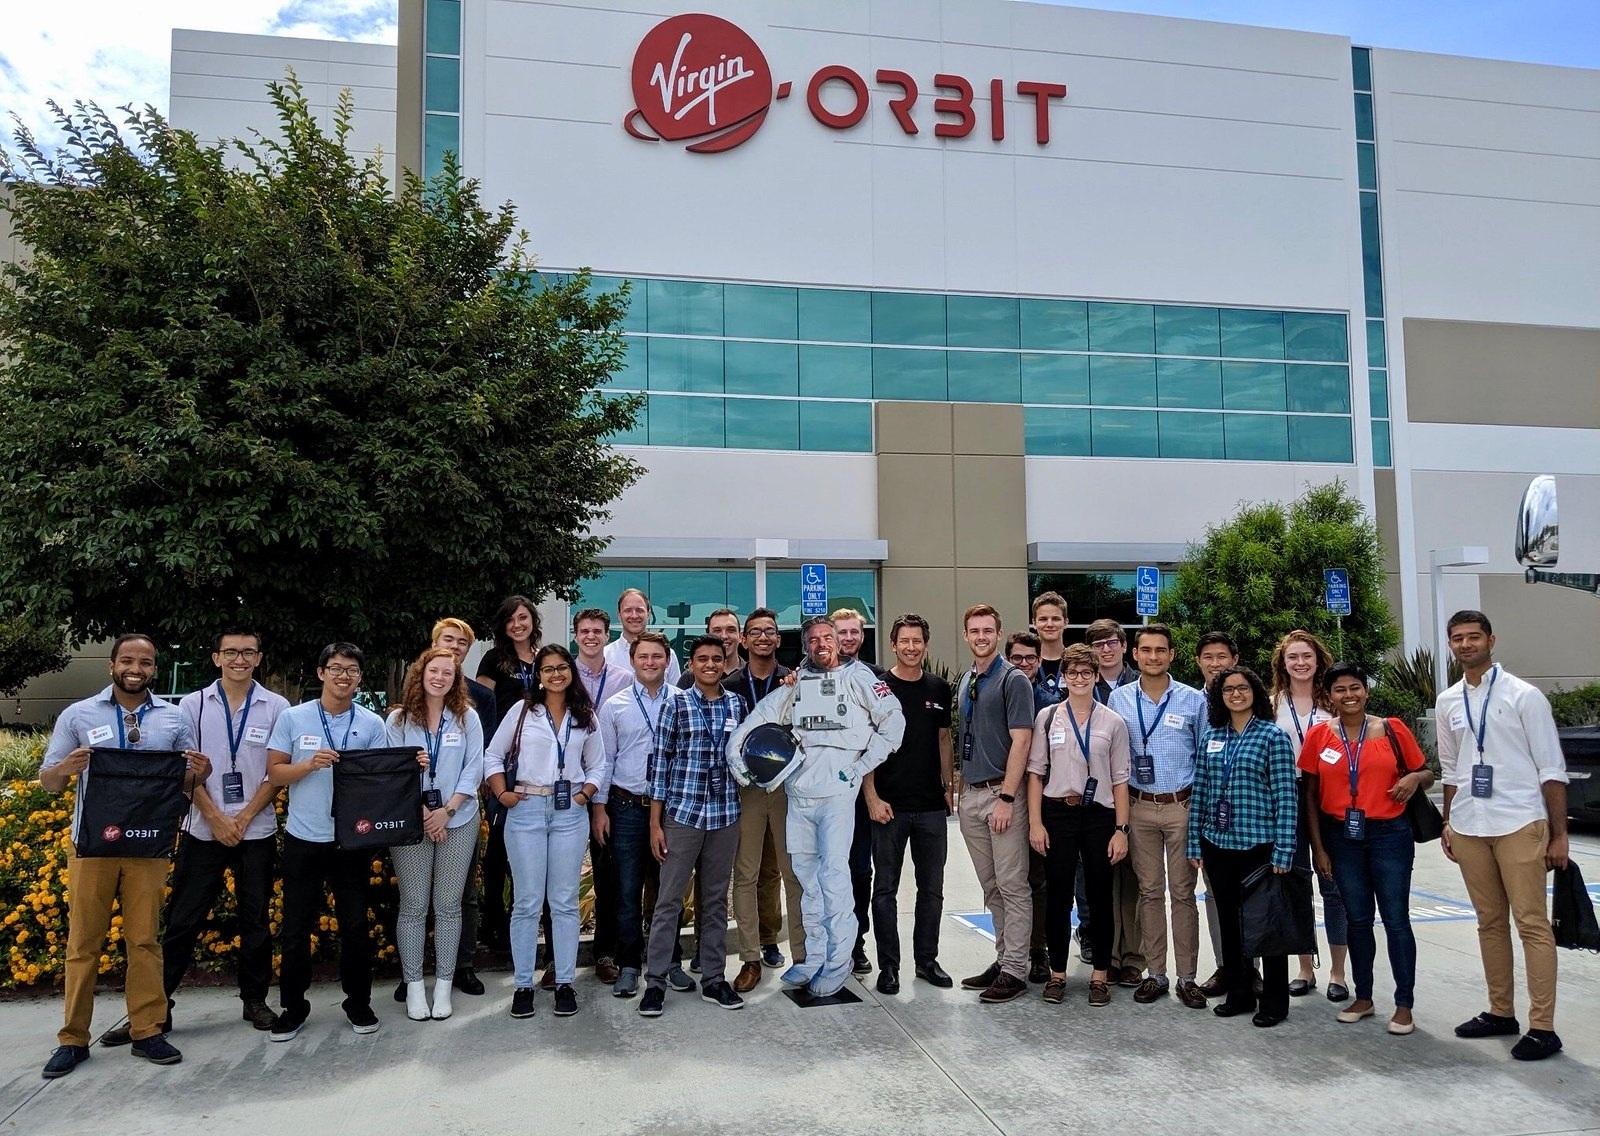 Touring Virgin Orbit.